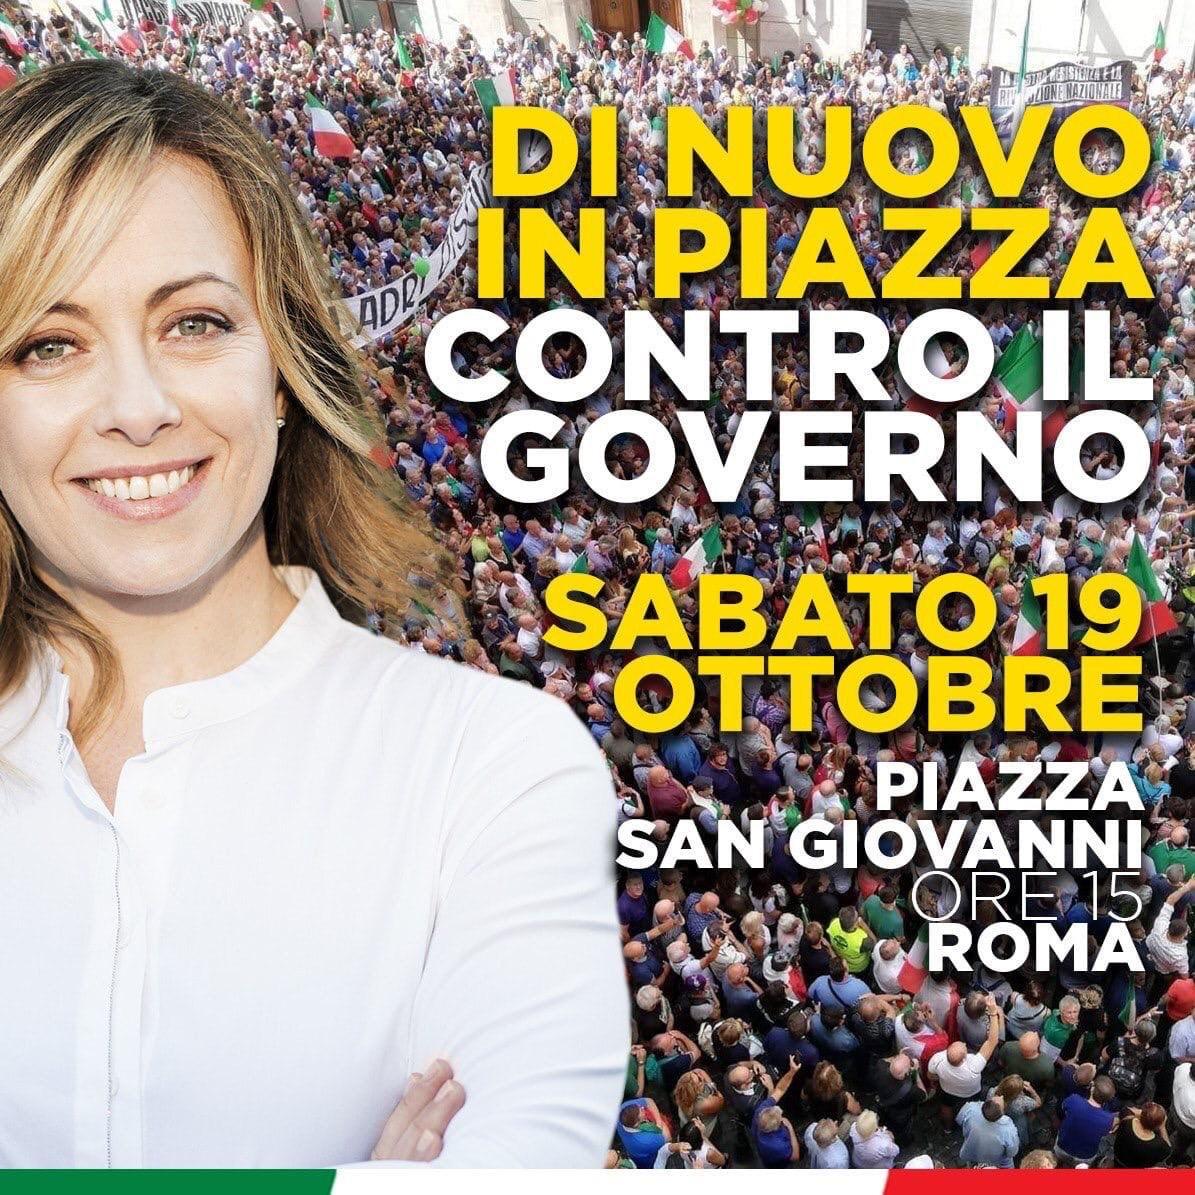 Fratelli d'Italia di Civitavecchia parteciperà alla manifestazione di sabato 19 ottobre a piazza San Giovanni